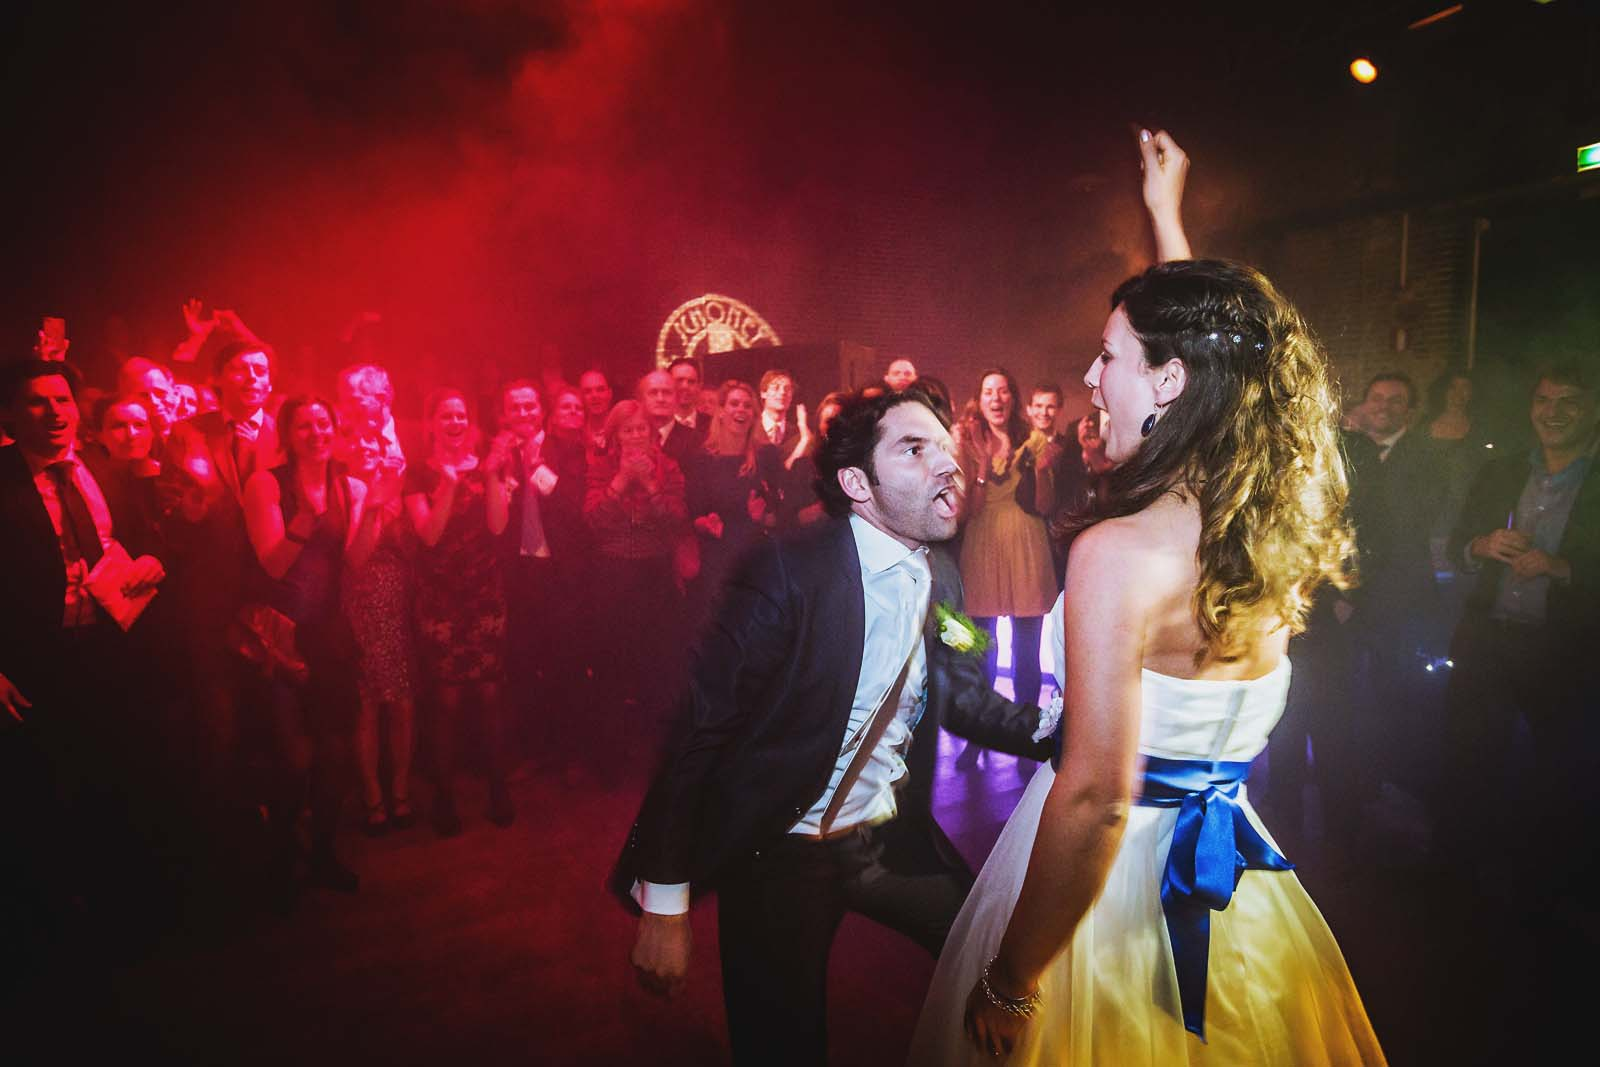 33-Brautpaar-jubelt-beim-Tanz-Hochzeitsfotograf-Berlin Hochzeitsfotograf © www.hochzeitsfotograf-berlin.net